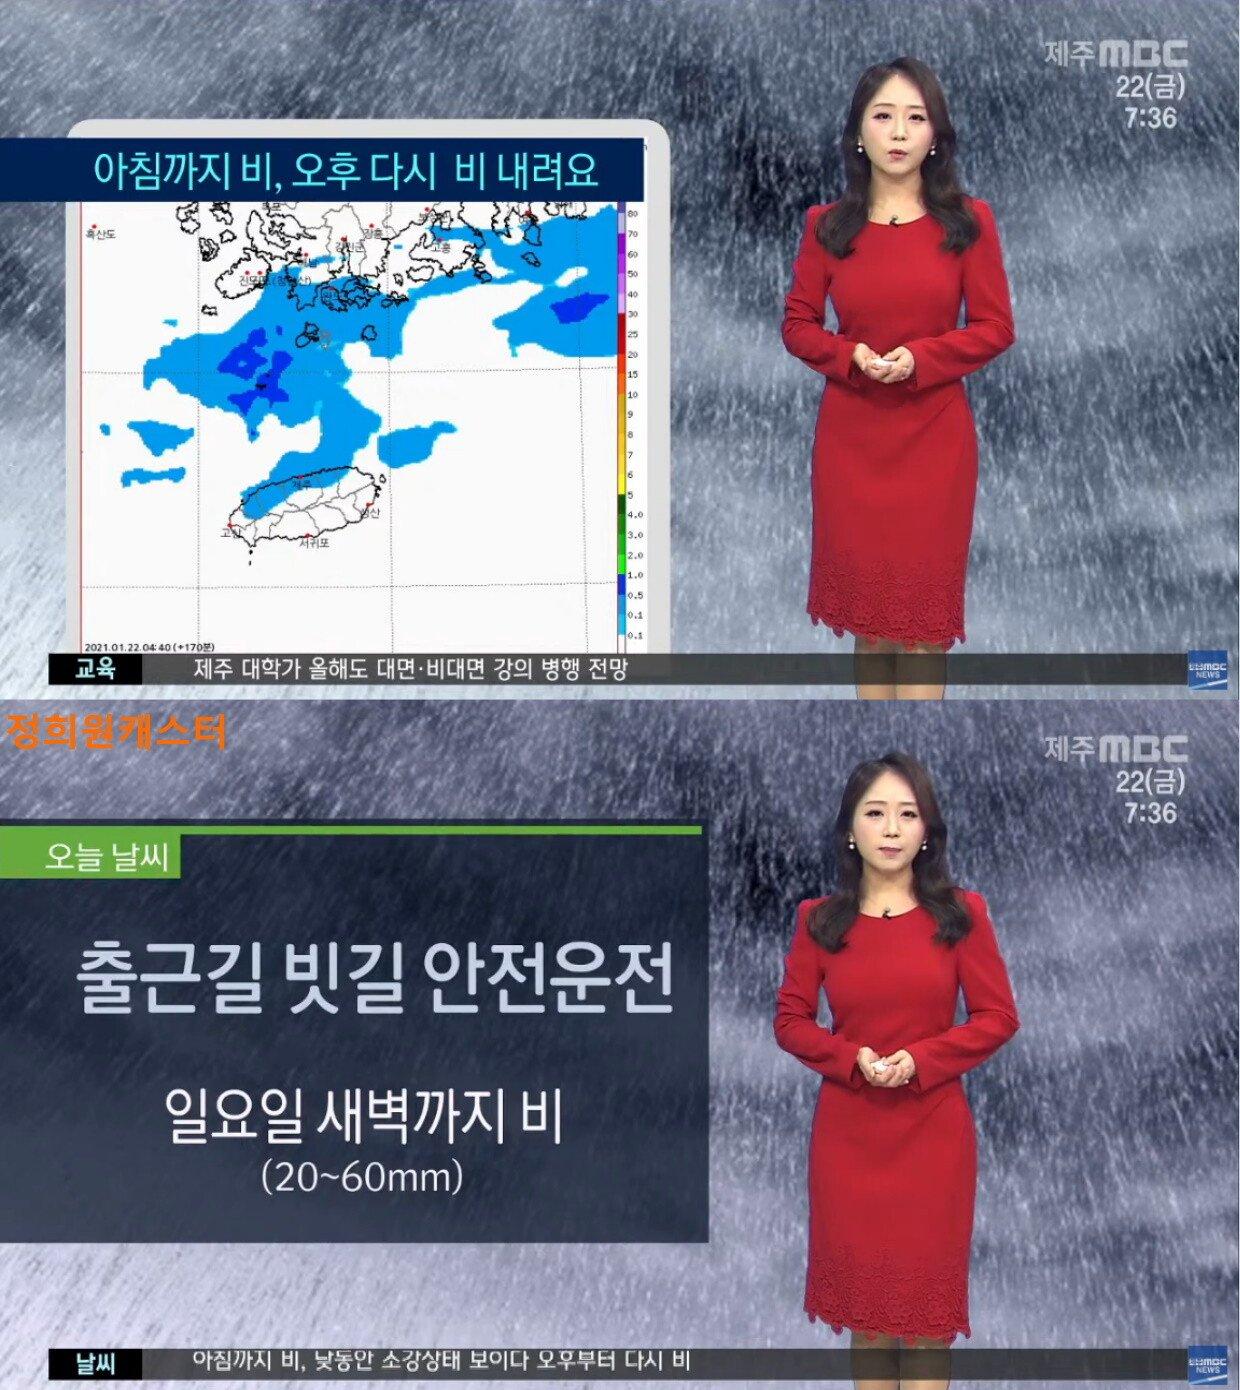 아침26.jpg 오늘 오후부터 내일 오후 남부 및 동해안 중심 비 또는 눈 (중서부 미세먼지)